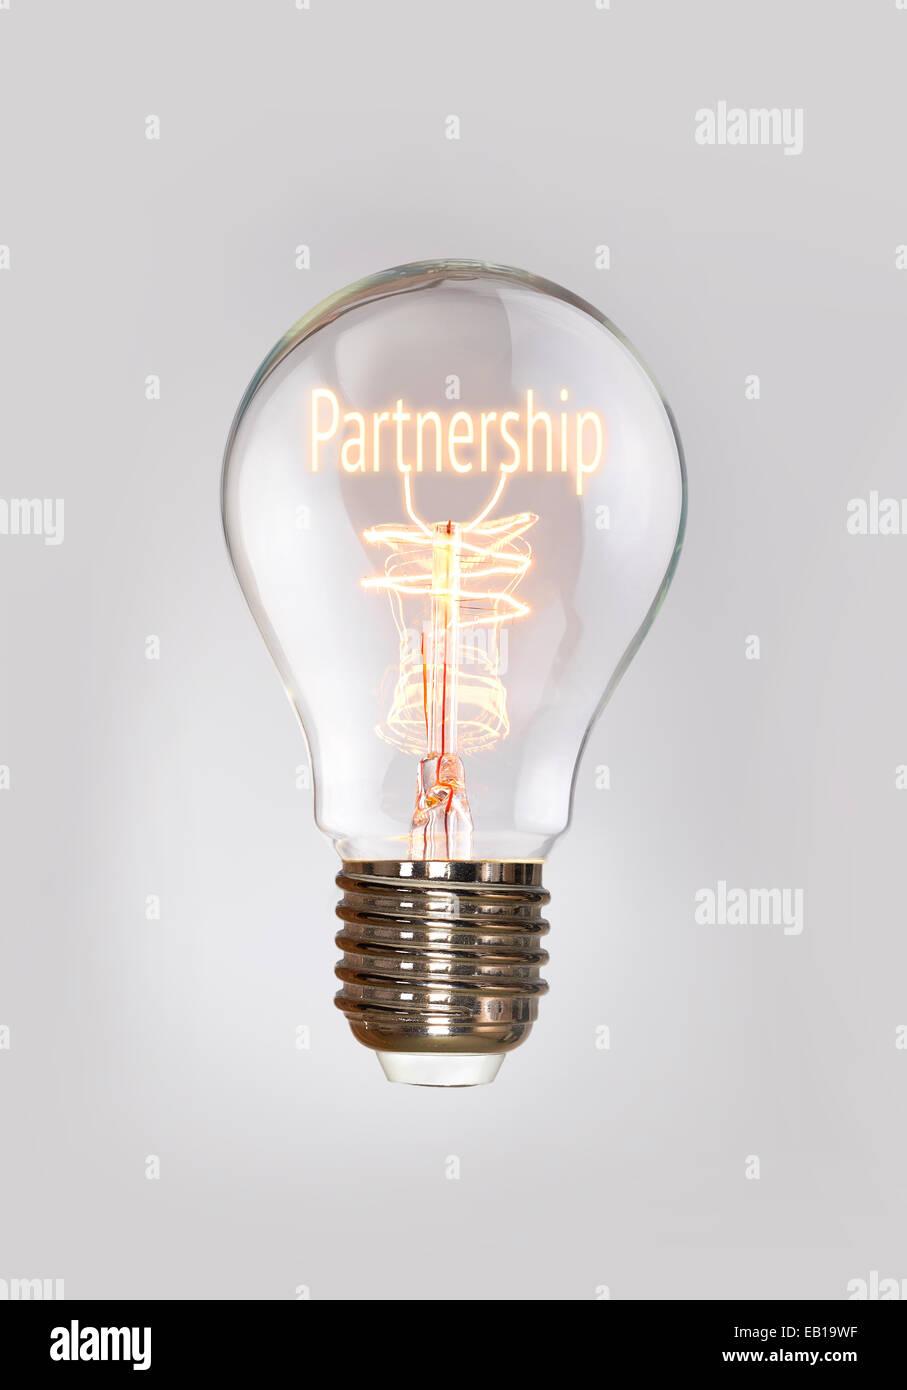 Notion de partenariat dans une ampoule à incandescence. Photo Stock